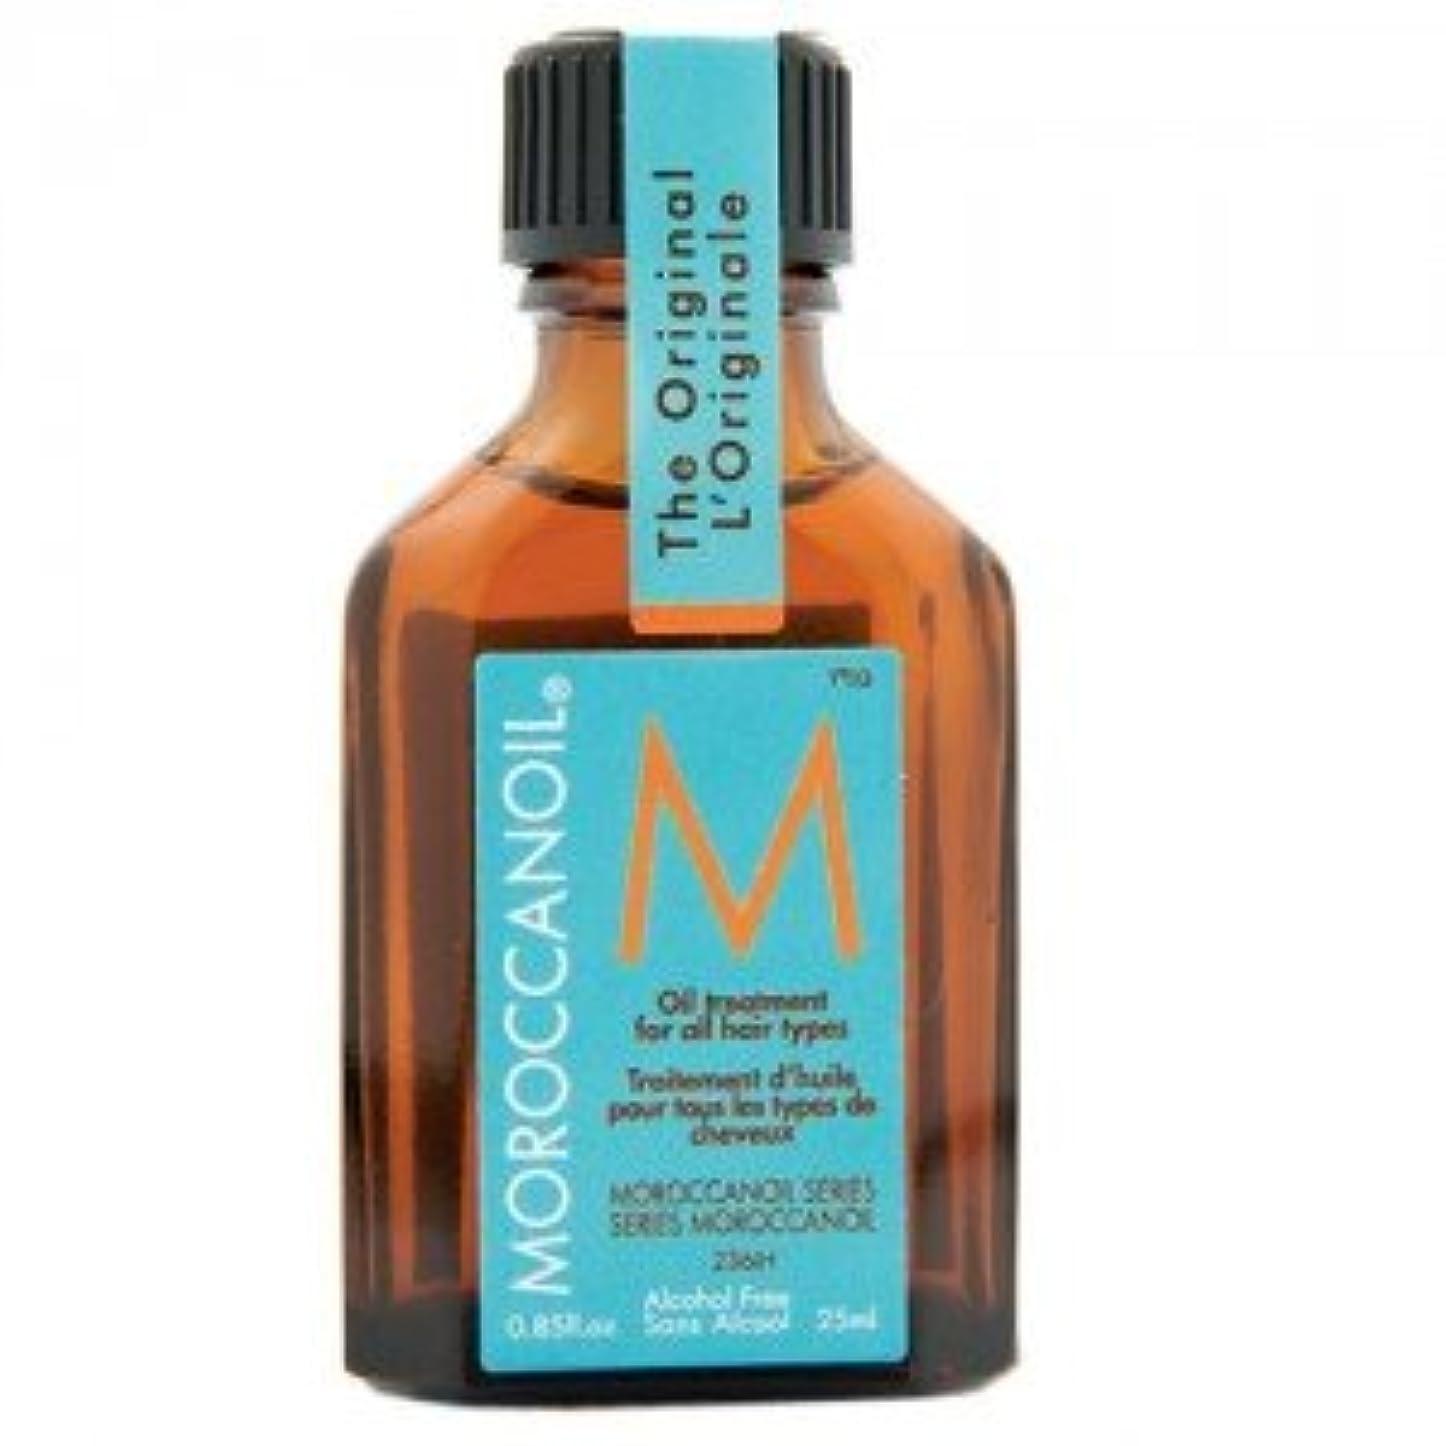 ただどれか巨人モロッカンオイル(MOROCCANOIL) モロッカンオイル 25ml[並行輸入品]